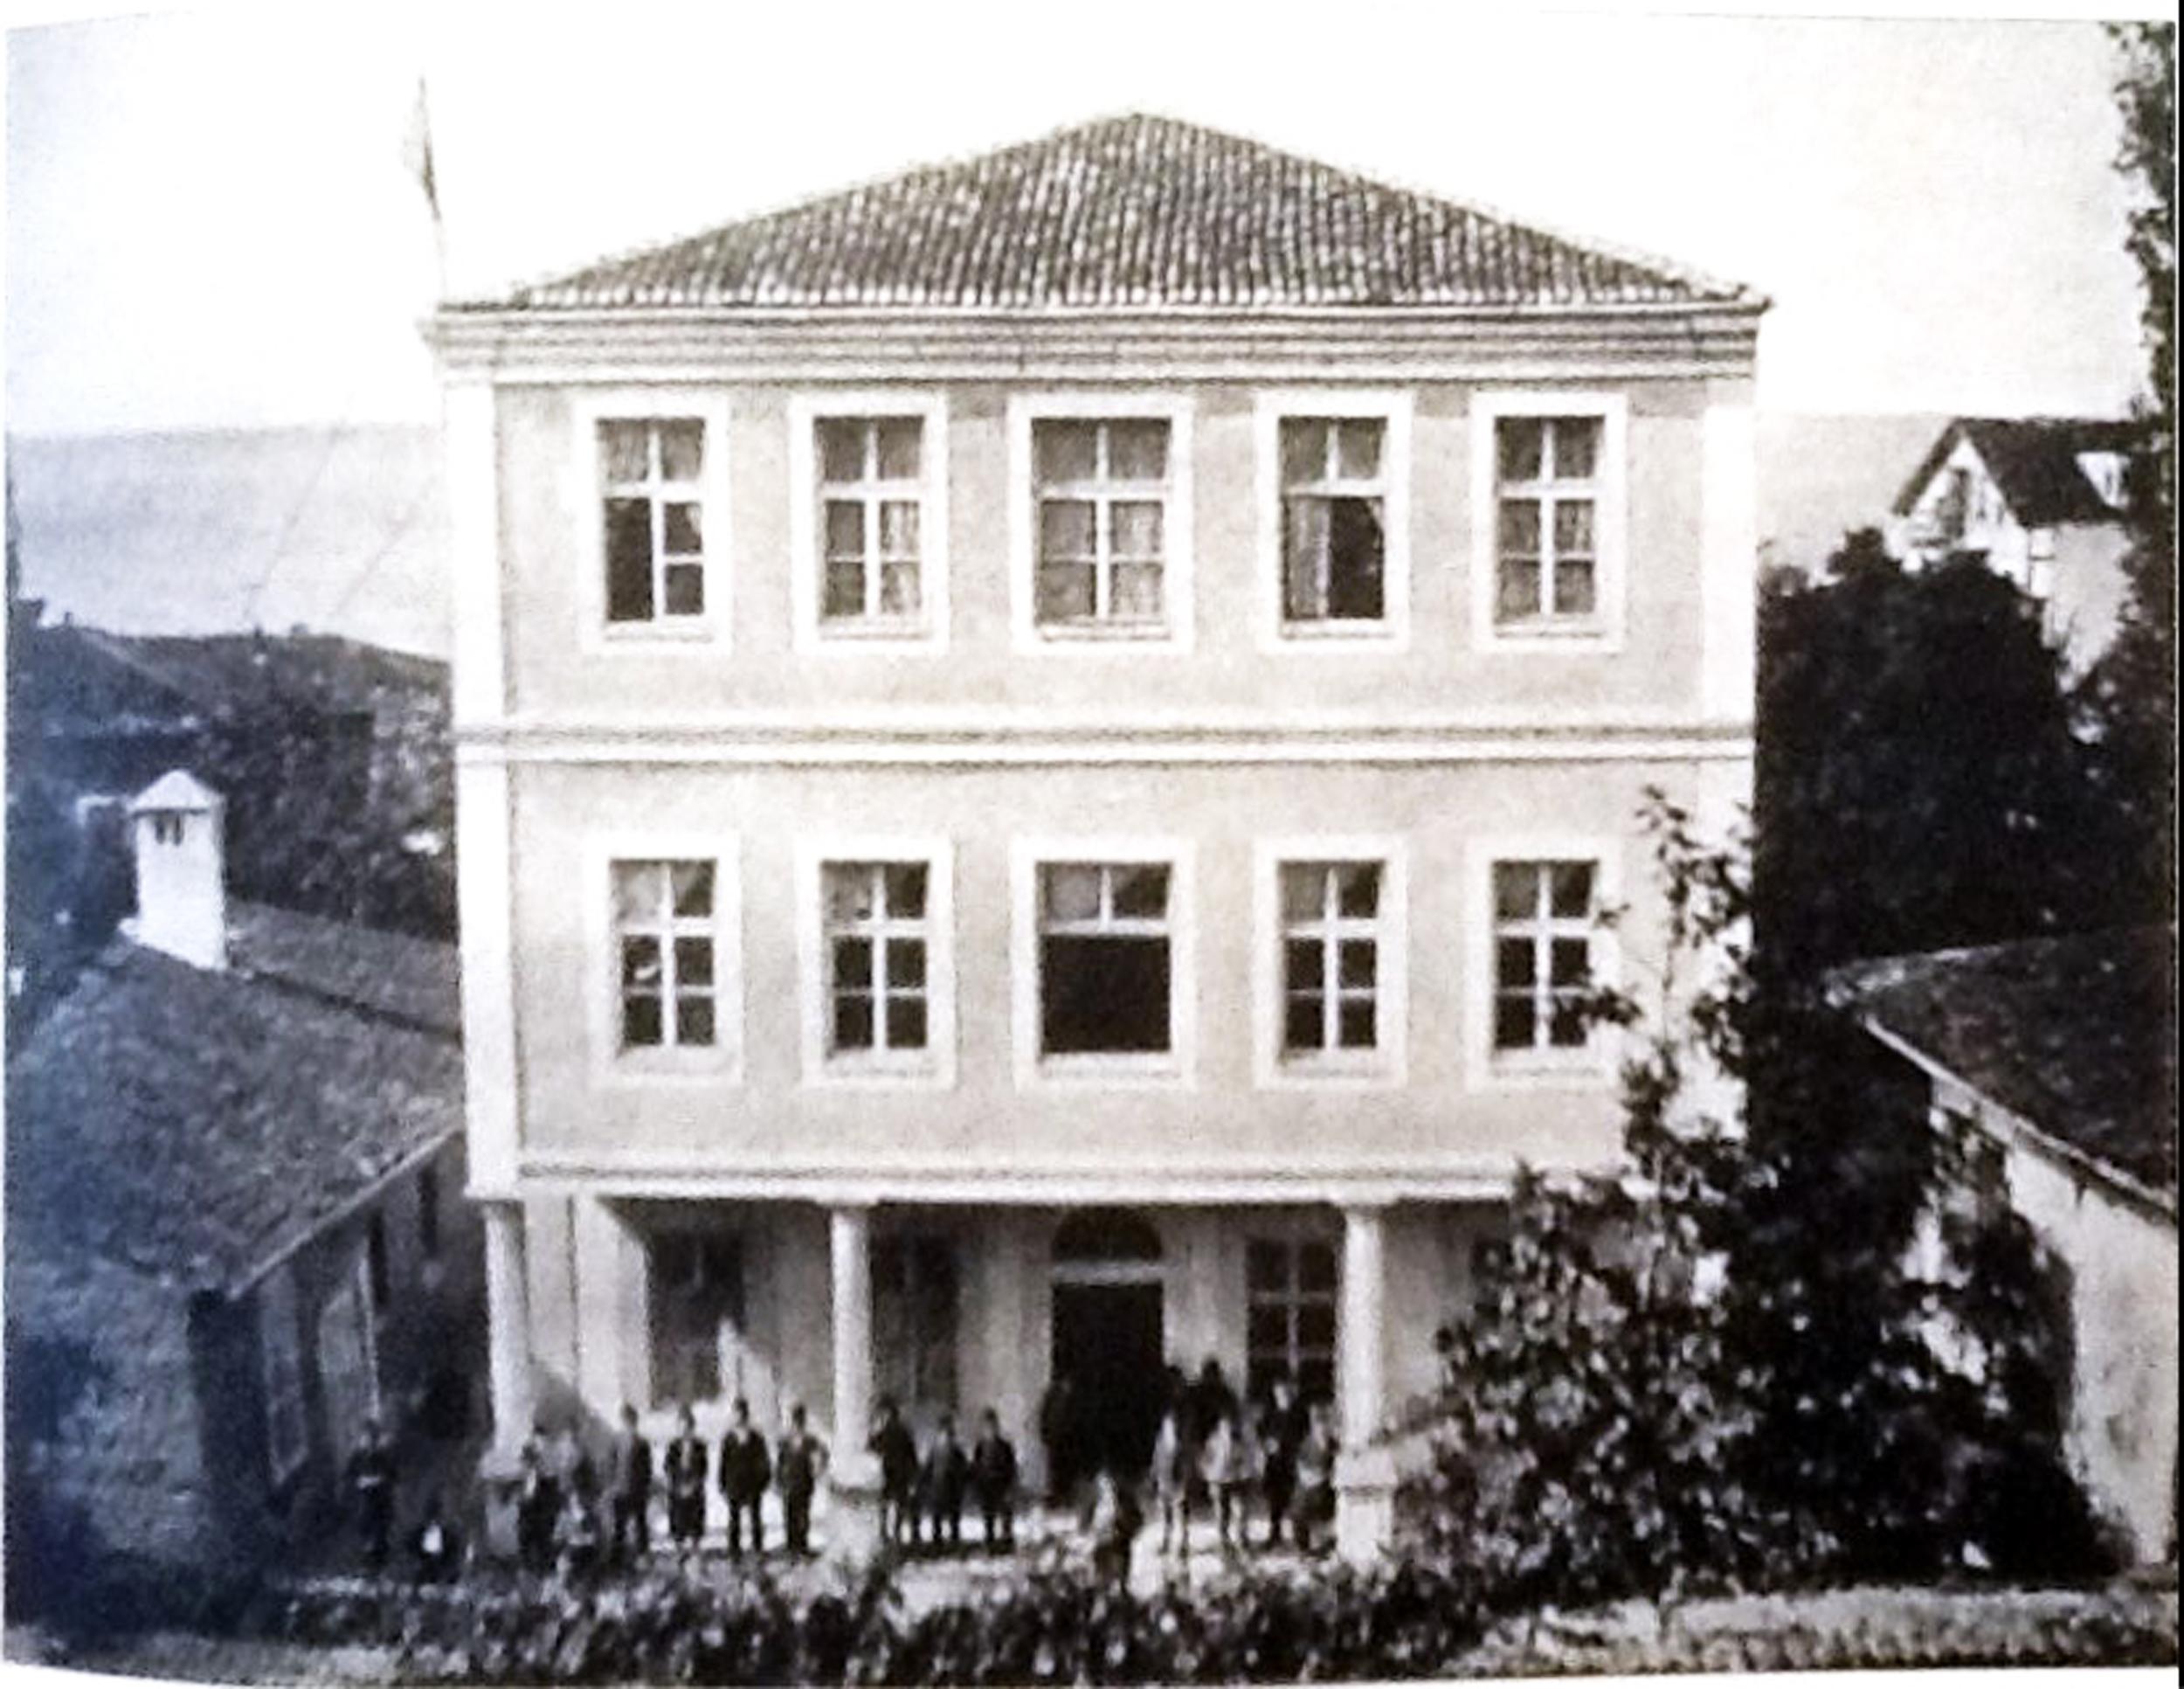 Trabzon Venedik Mikhitaristleri Koleji.jpg